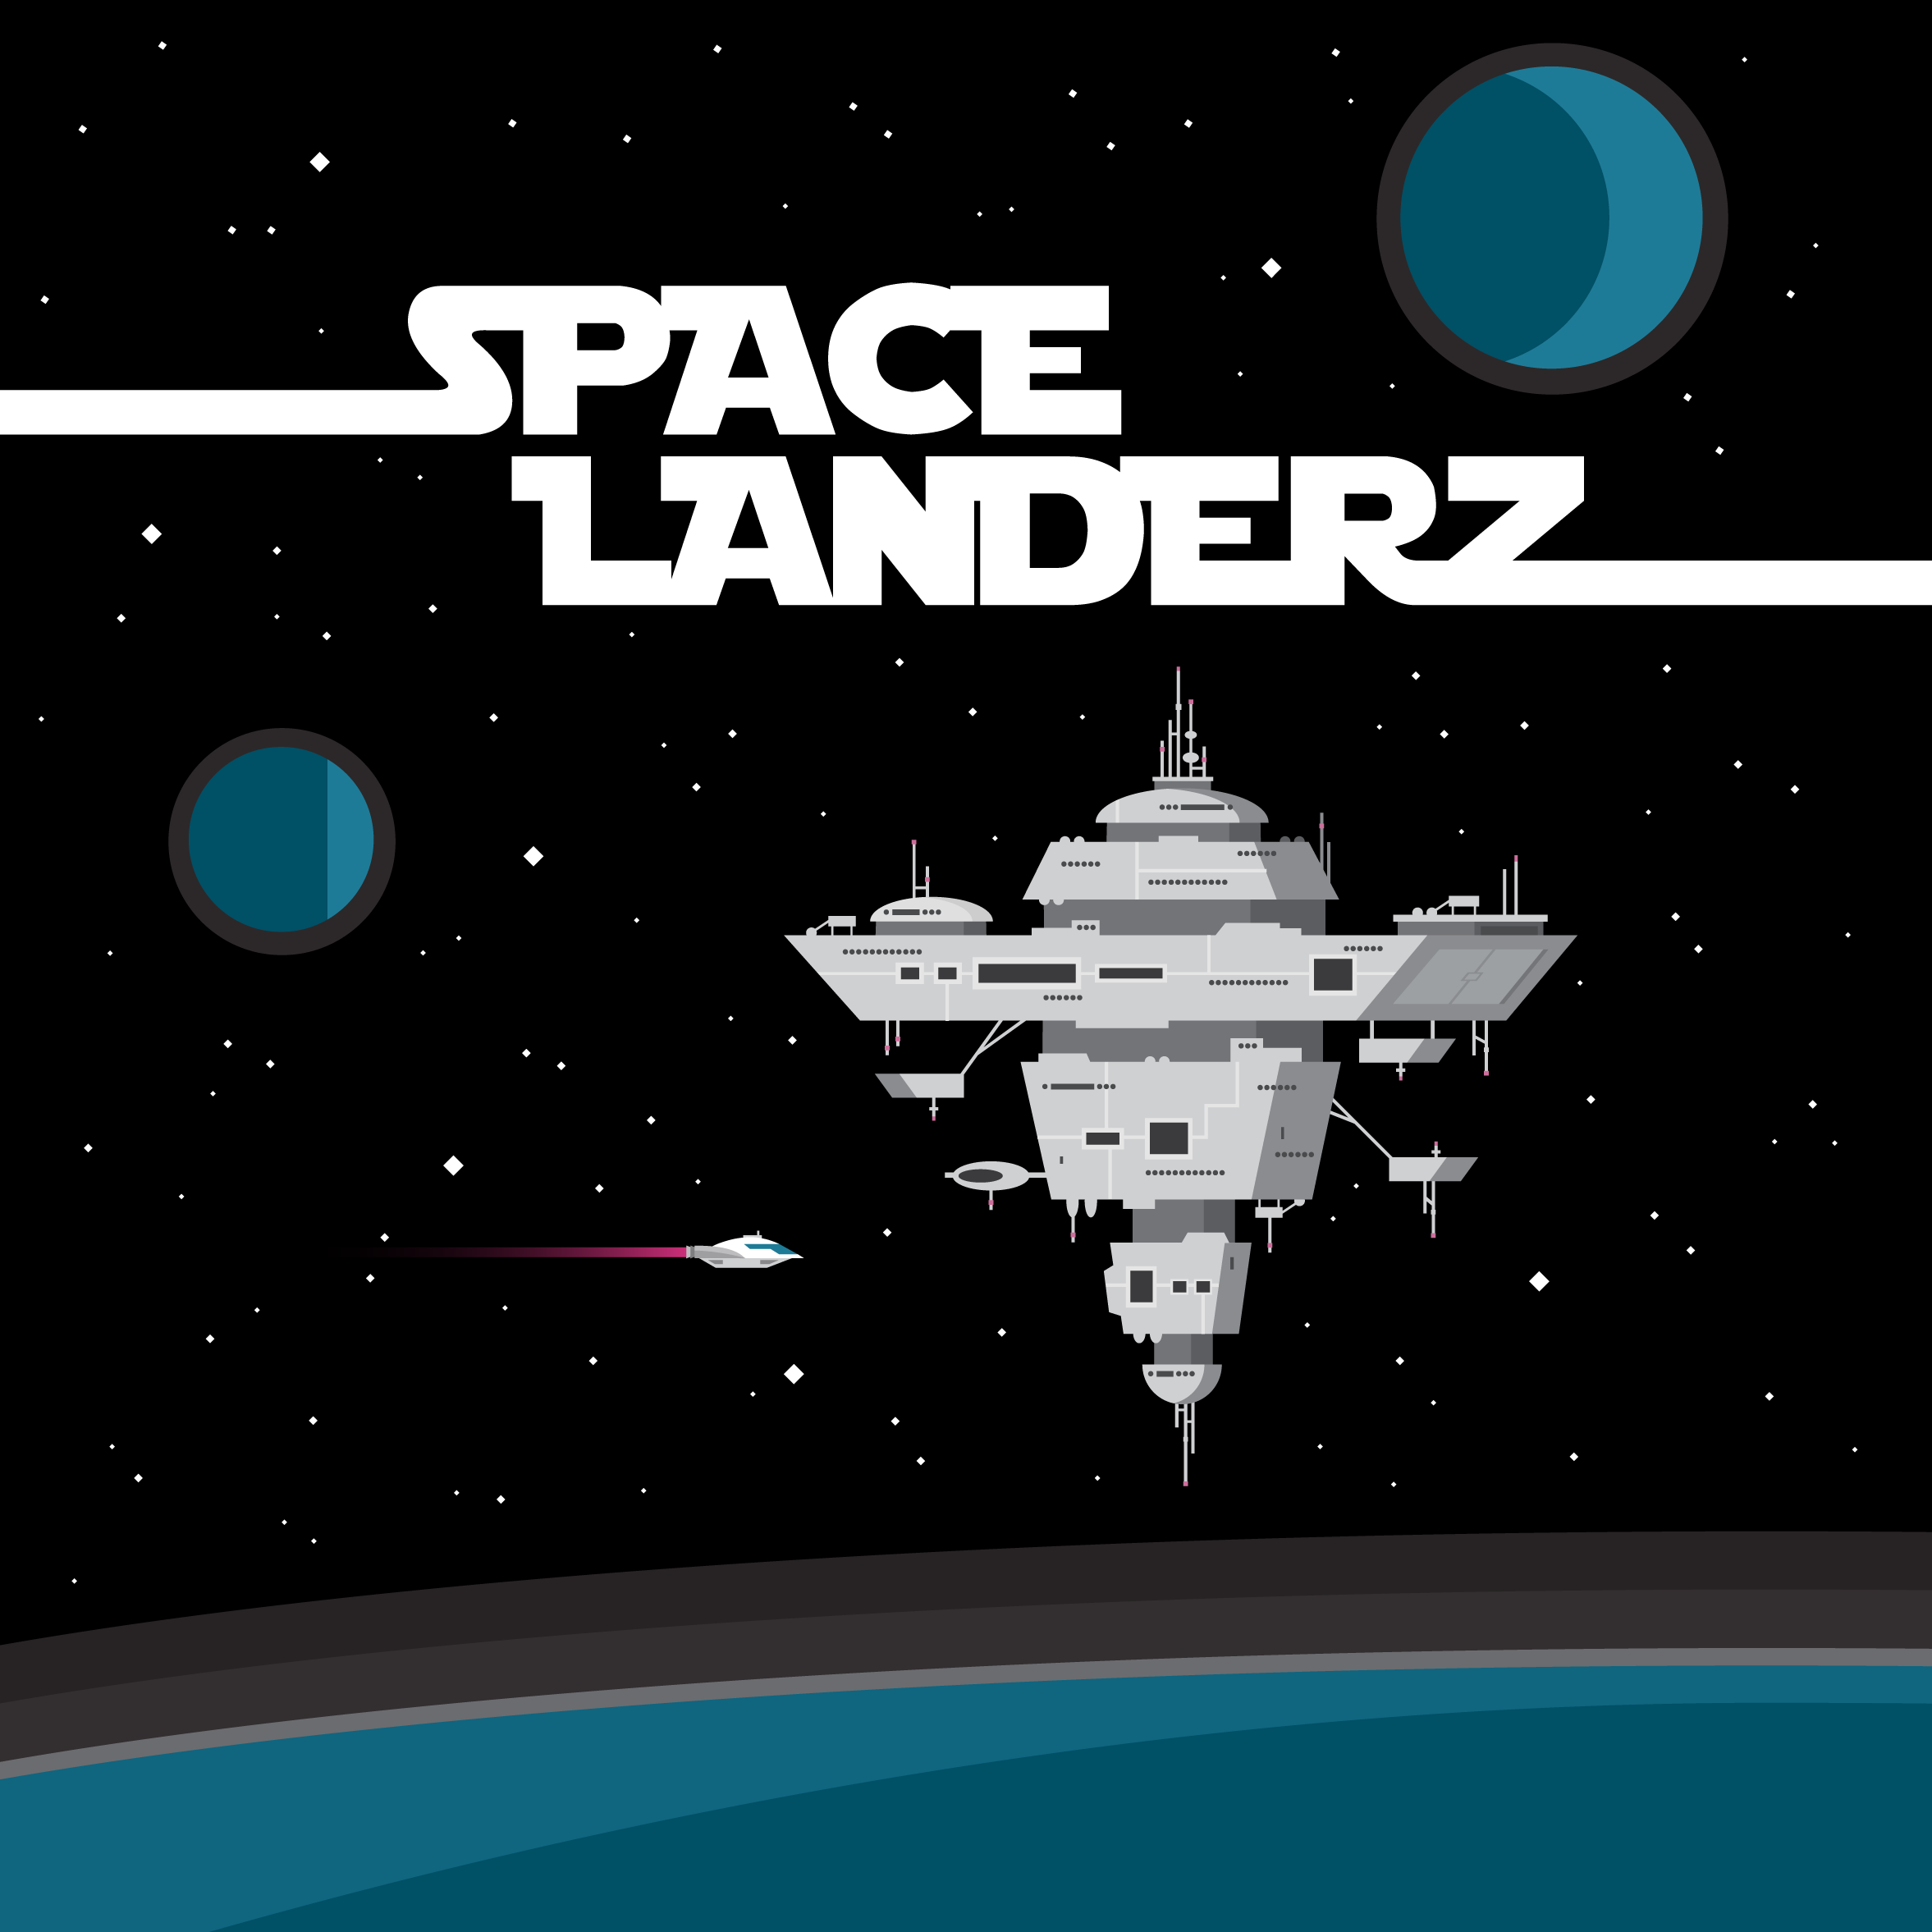 space-landerz.png